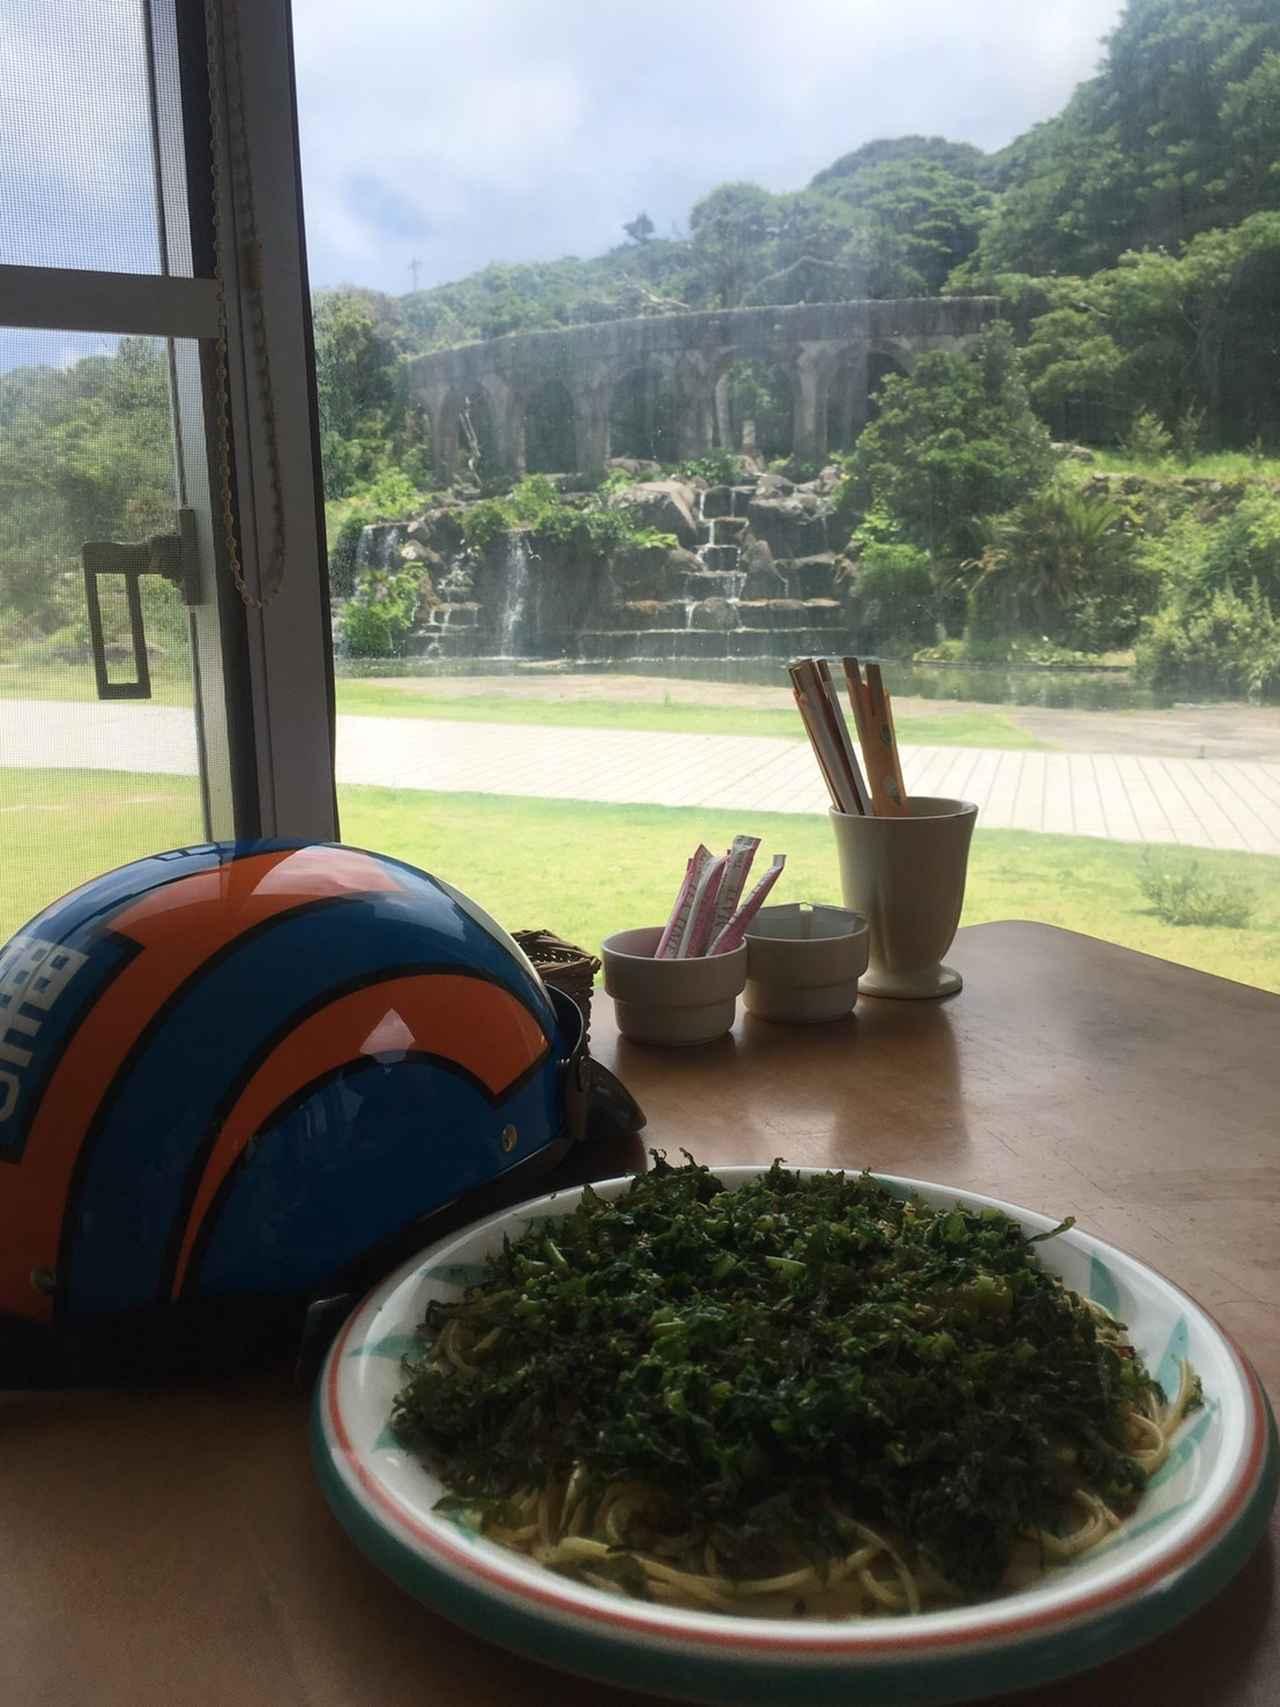 画像2: 新島で一番の絶景スポットを発見!? 福山理子の新島レンタルバイクツーリング!③ 島での食事やガソリン価格もお伝えします!